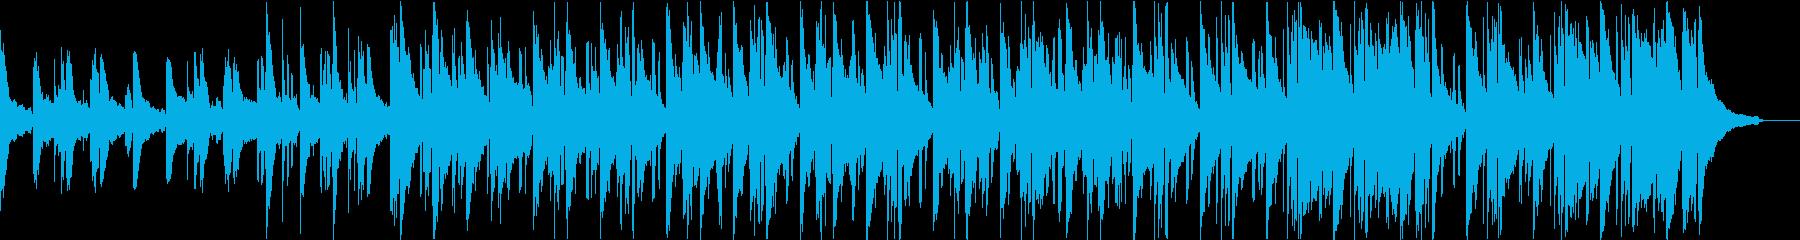 物憂げでメロウなchill hiphopの再生済みの波形